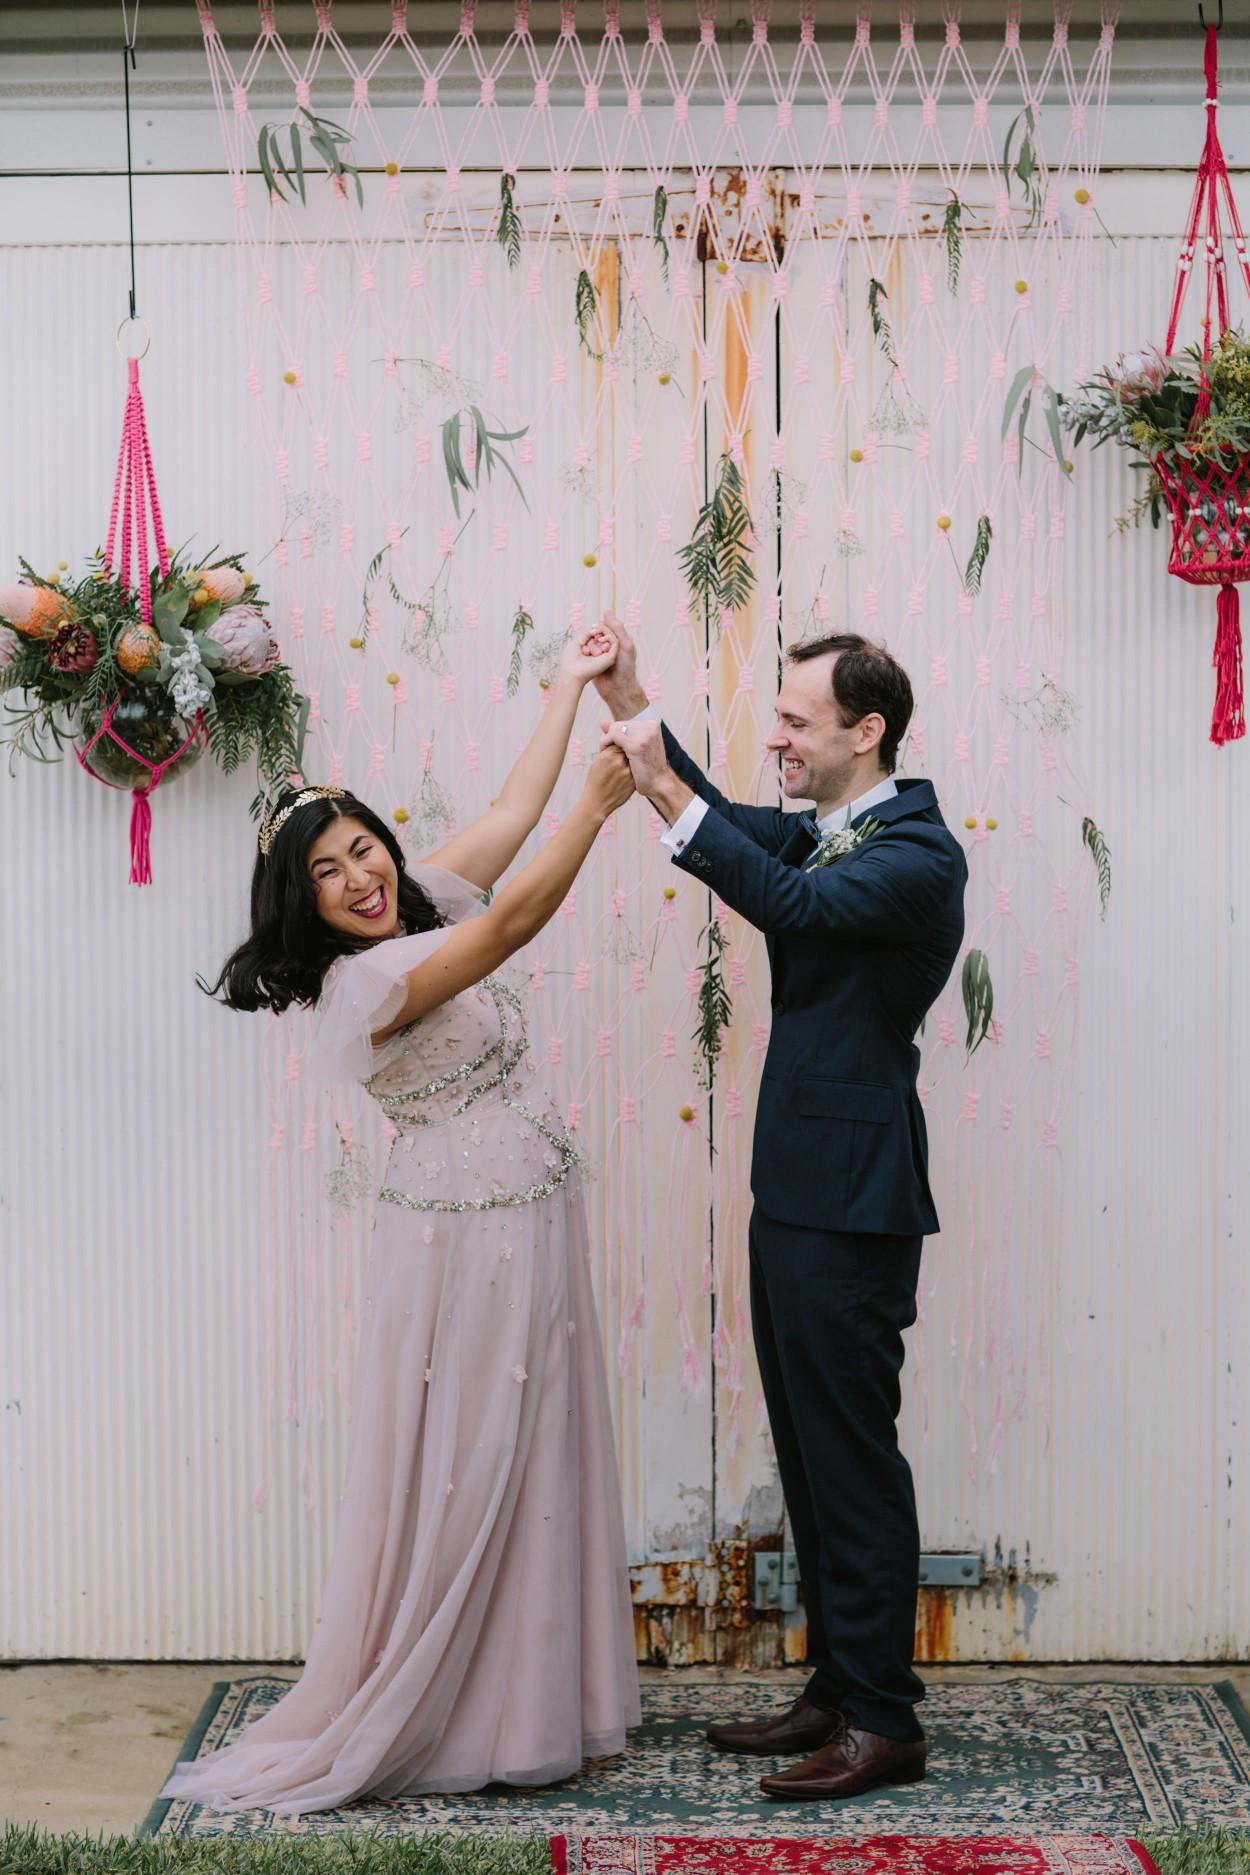 I-Got-You-Babe-&-Co.-Wedding-Photographers-Amanda010.jpg